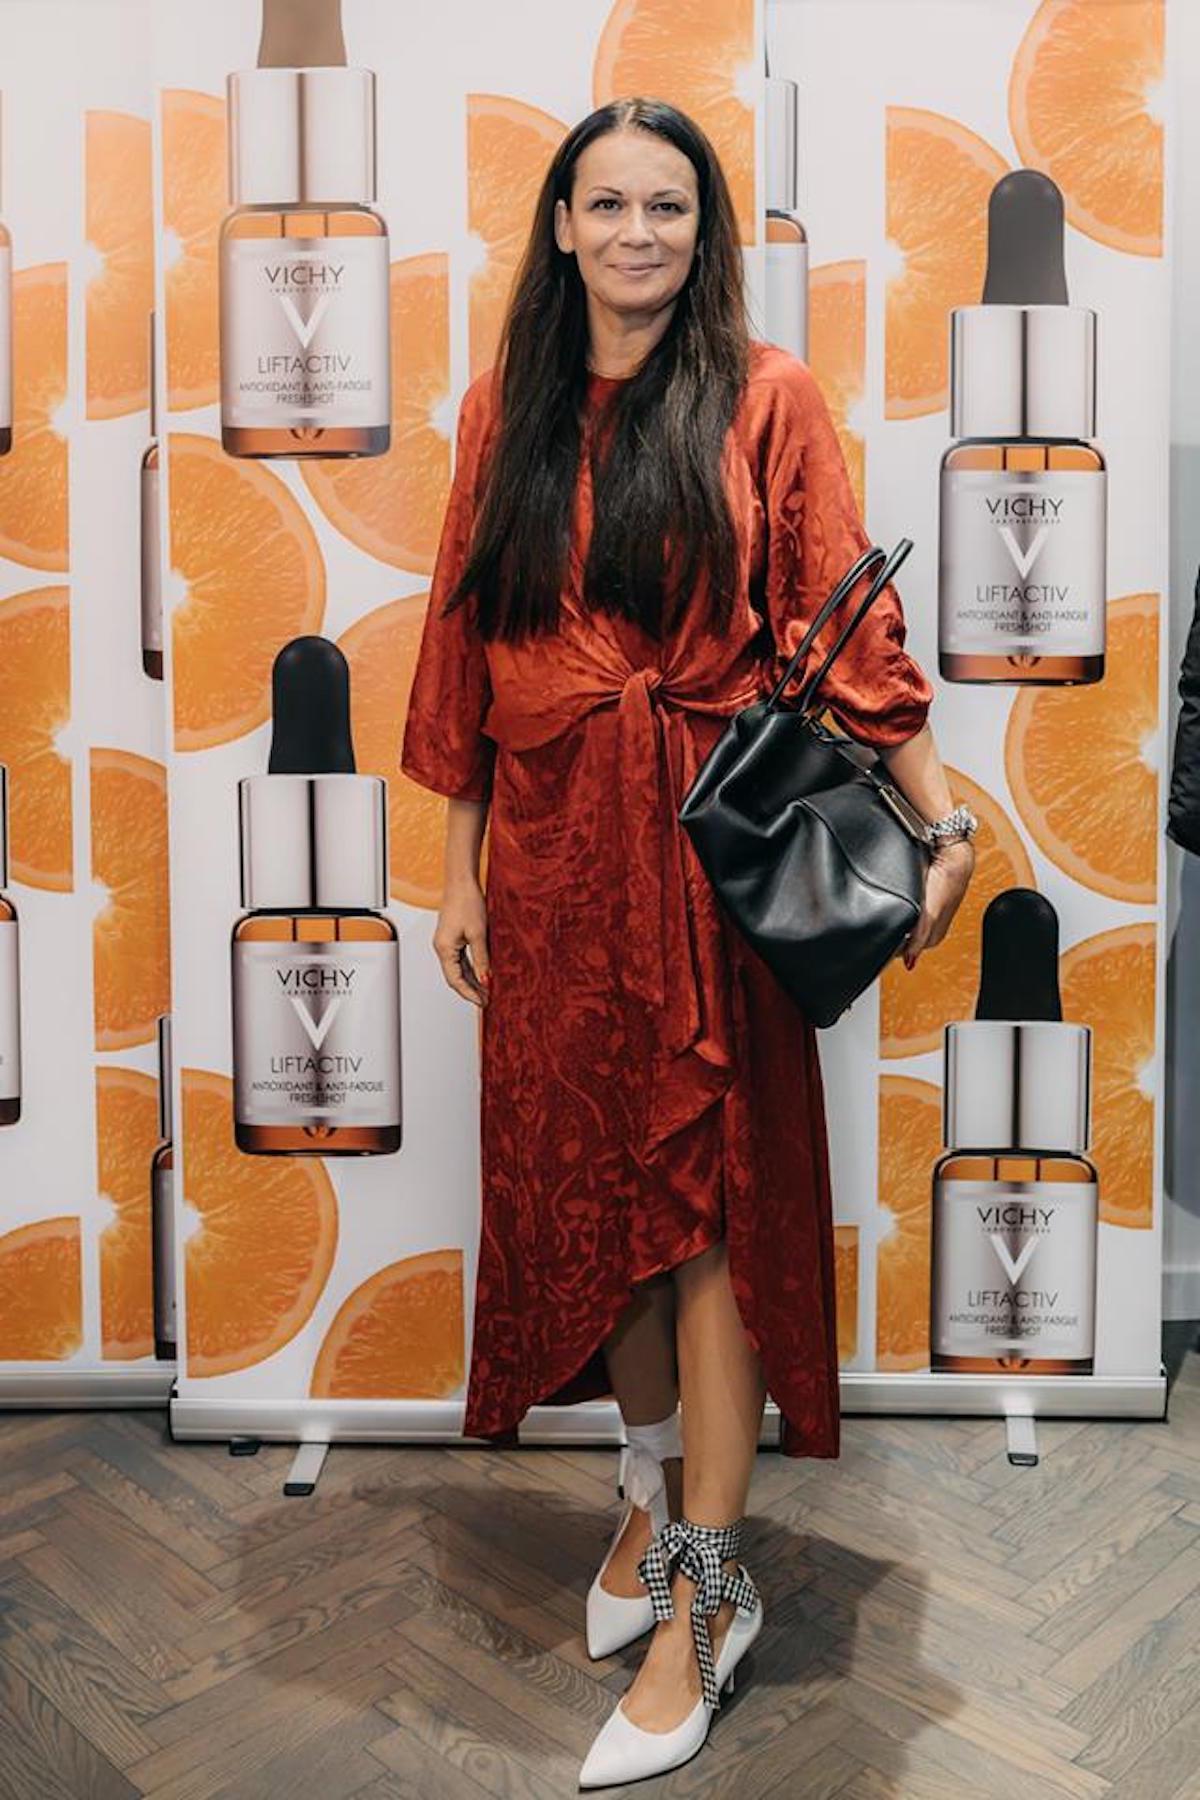 Pika Zrim Susnyara Vichy vitamin C Liftactiv Fresh Beautyfullblog